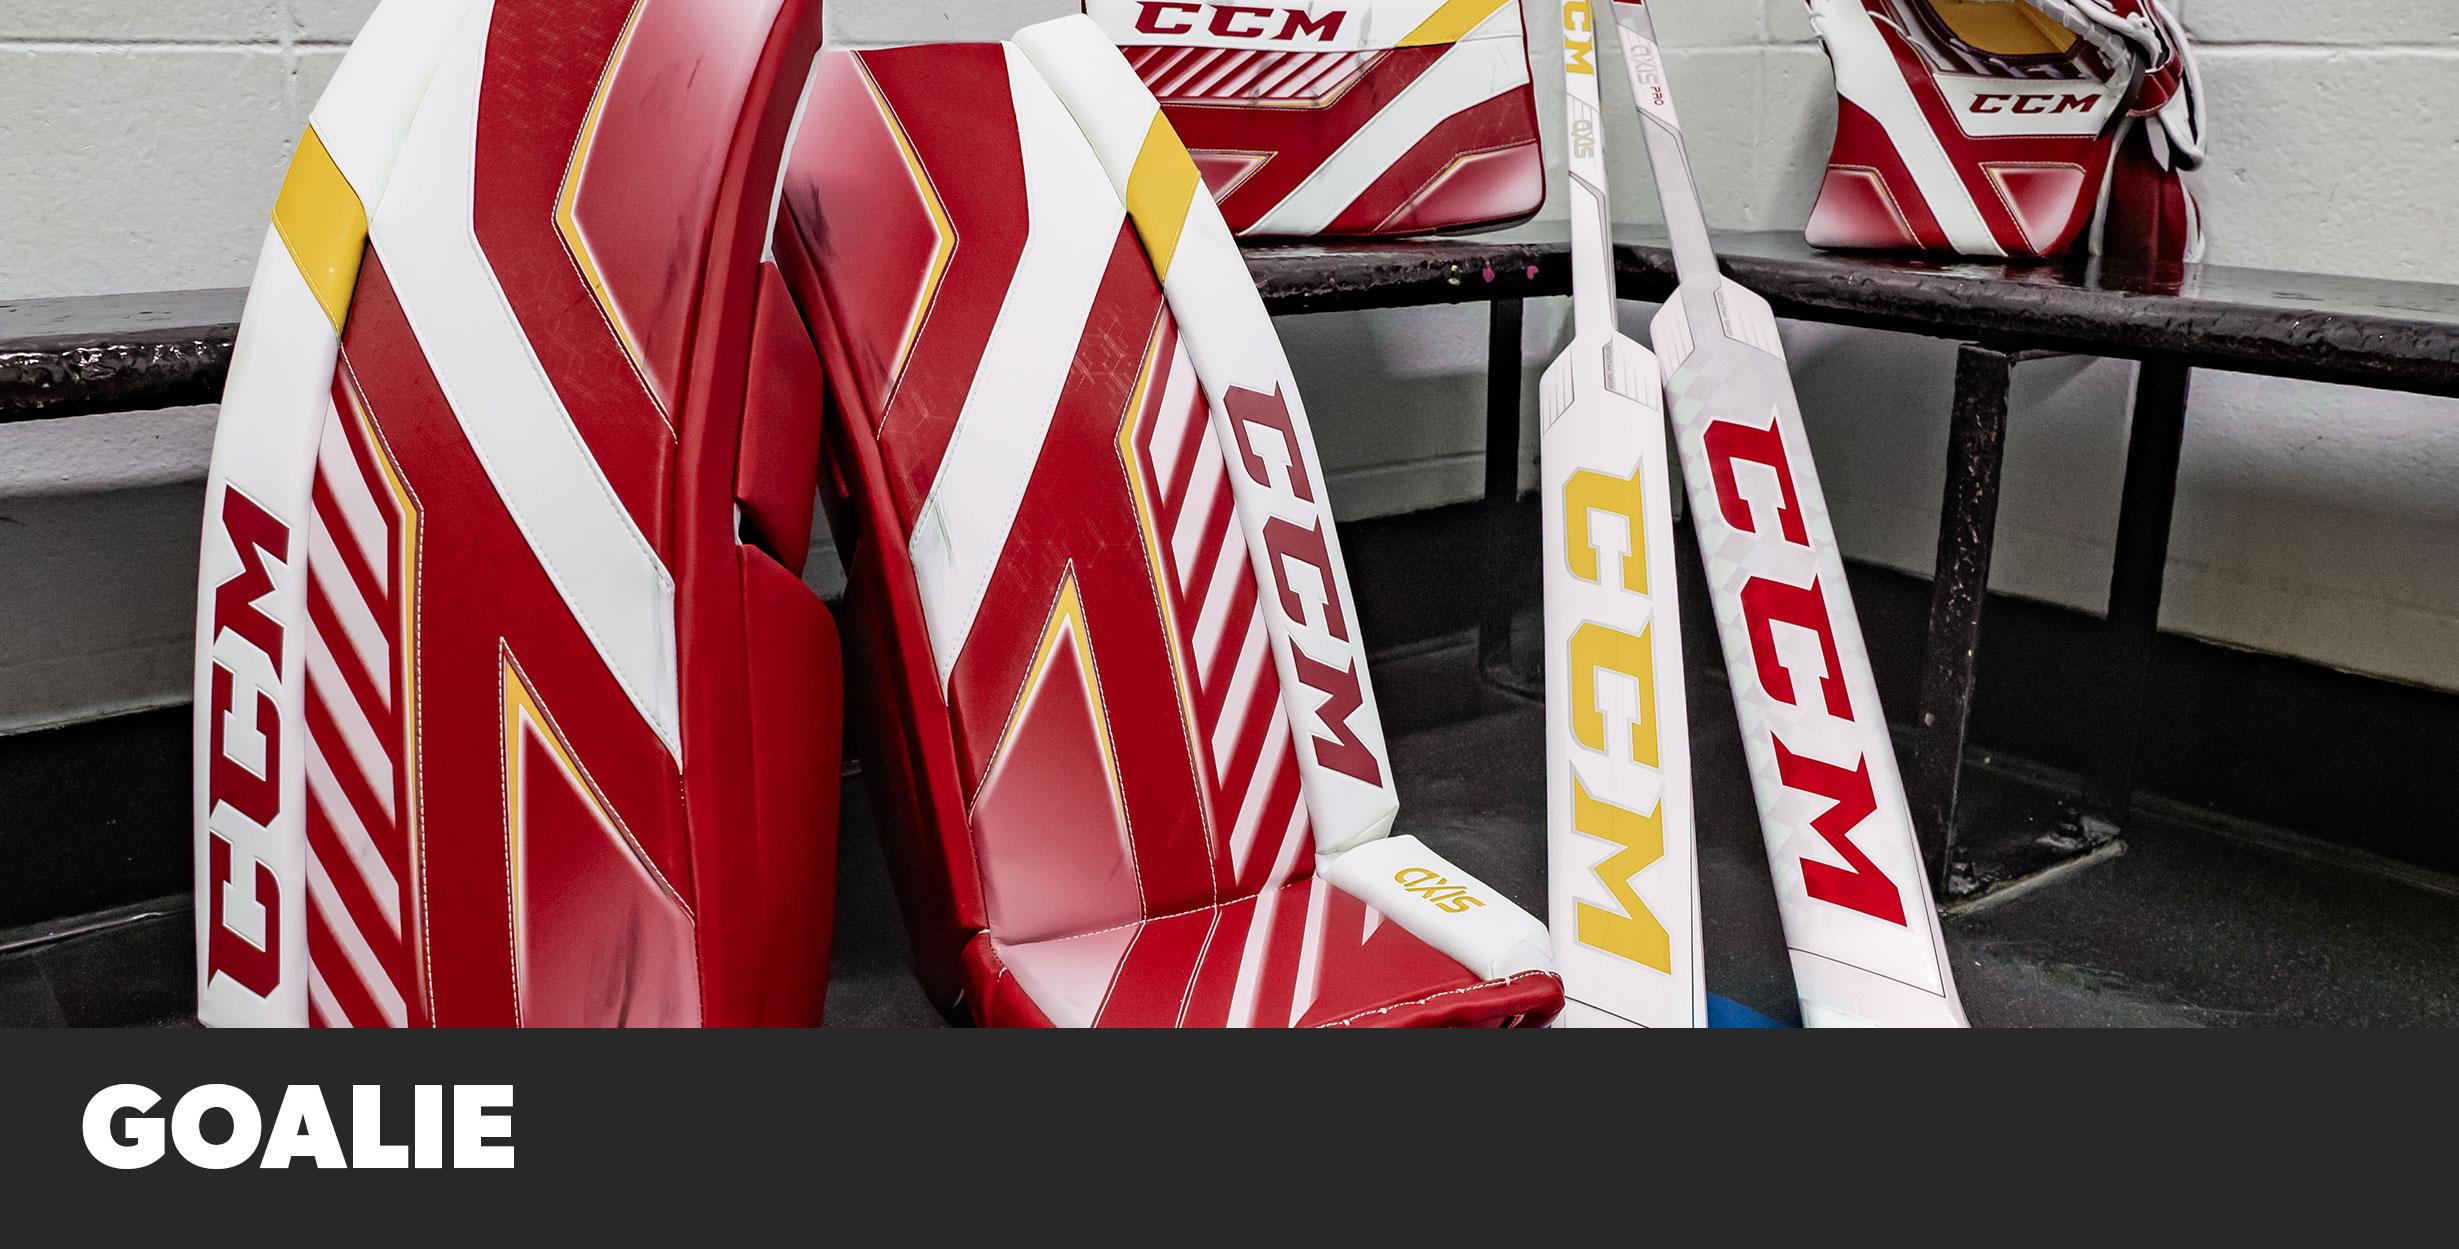 Shop Goalie Equipment & Gear